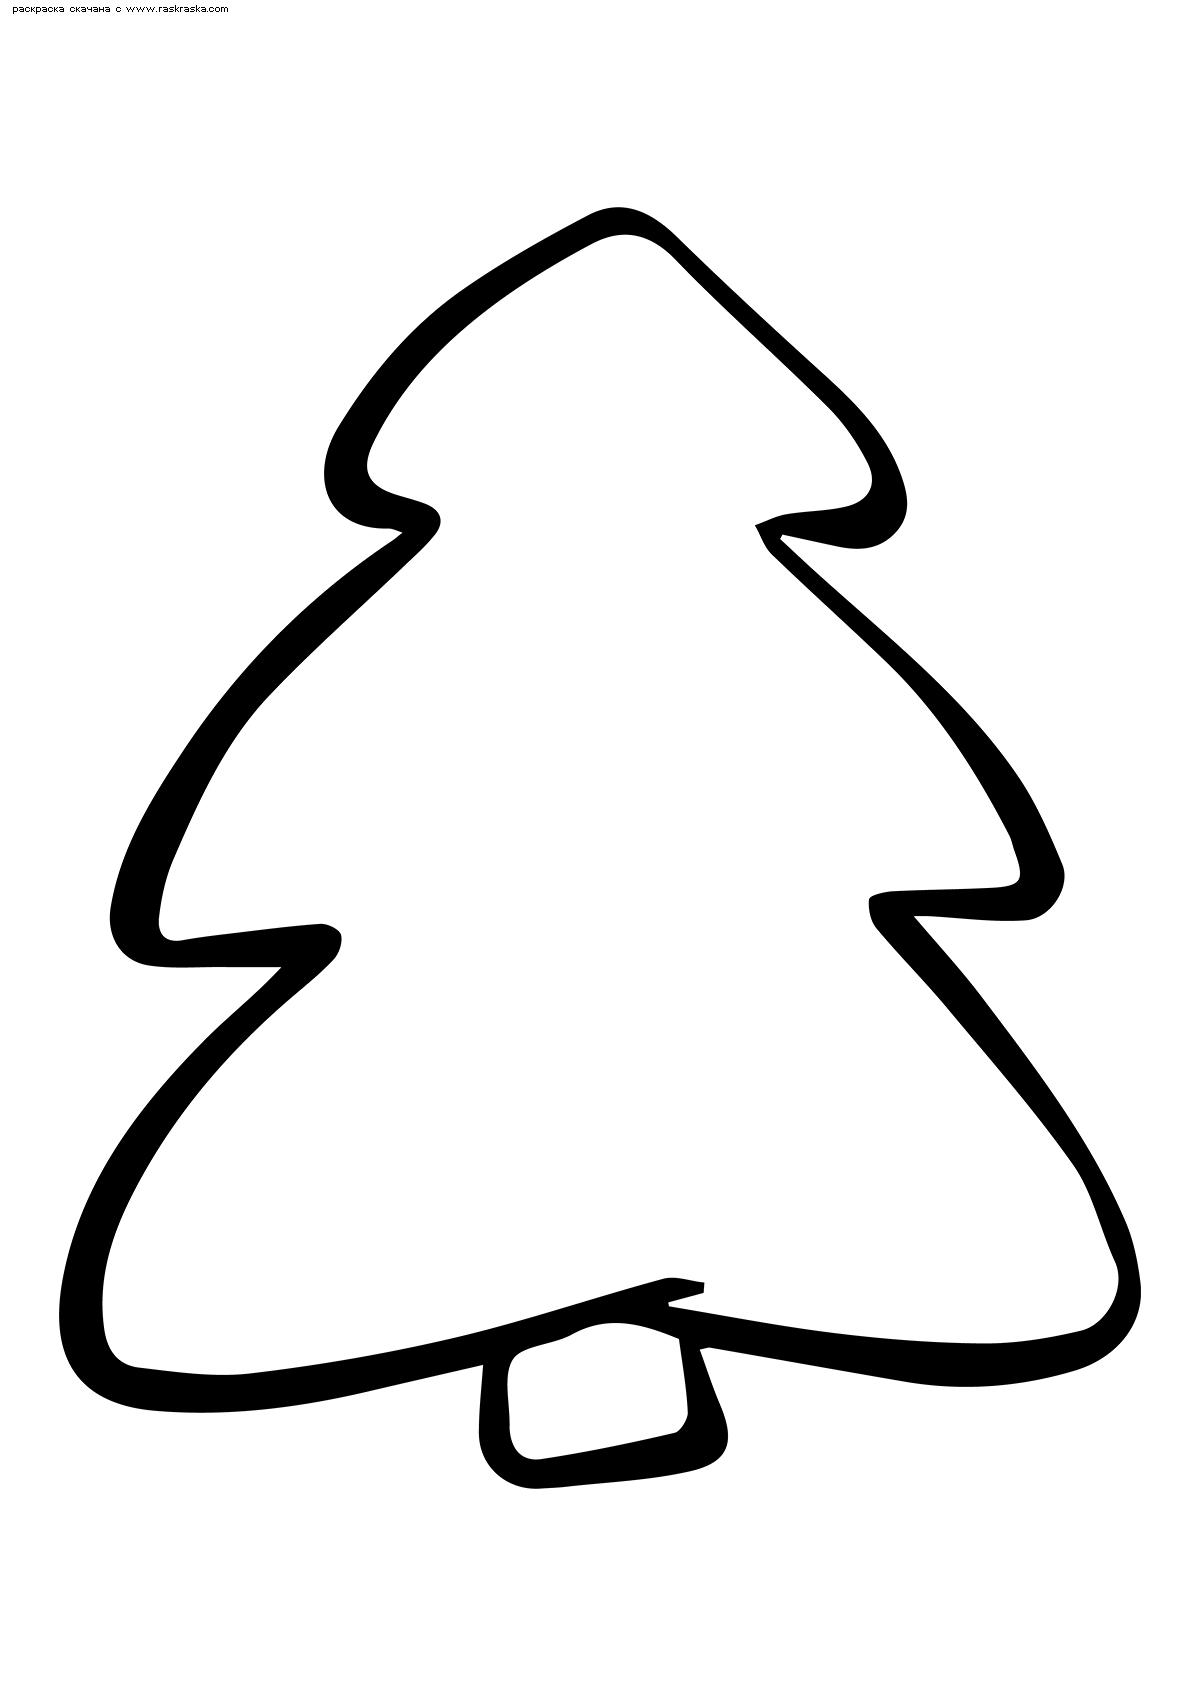 Раскраска Елочка. Раскраска елка